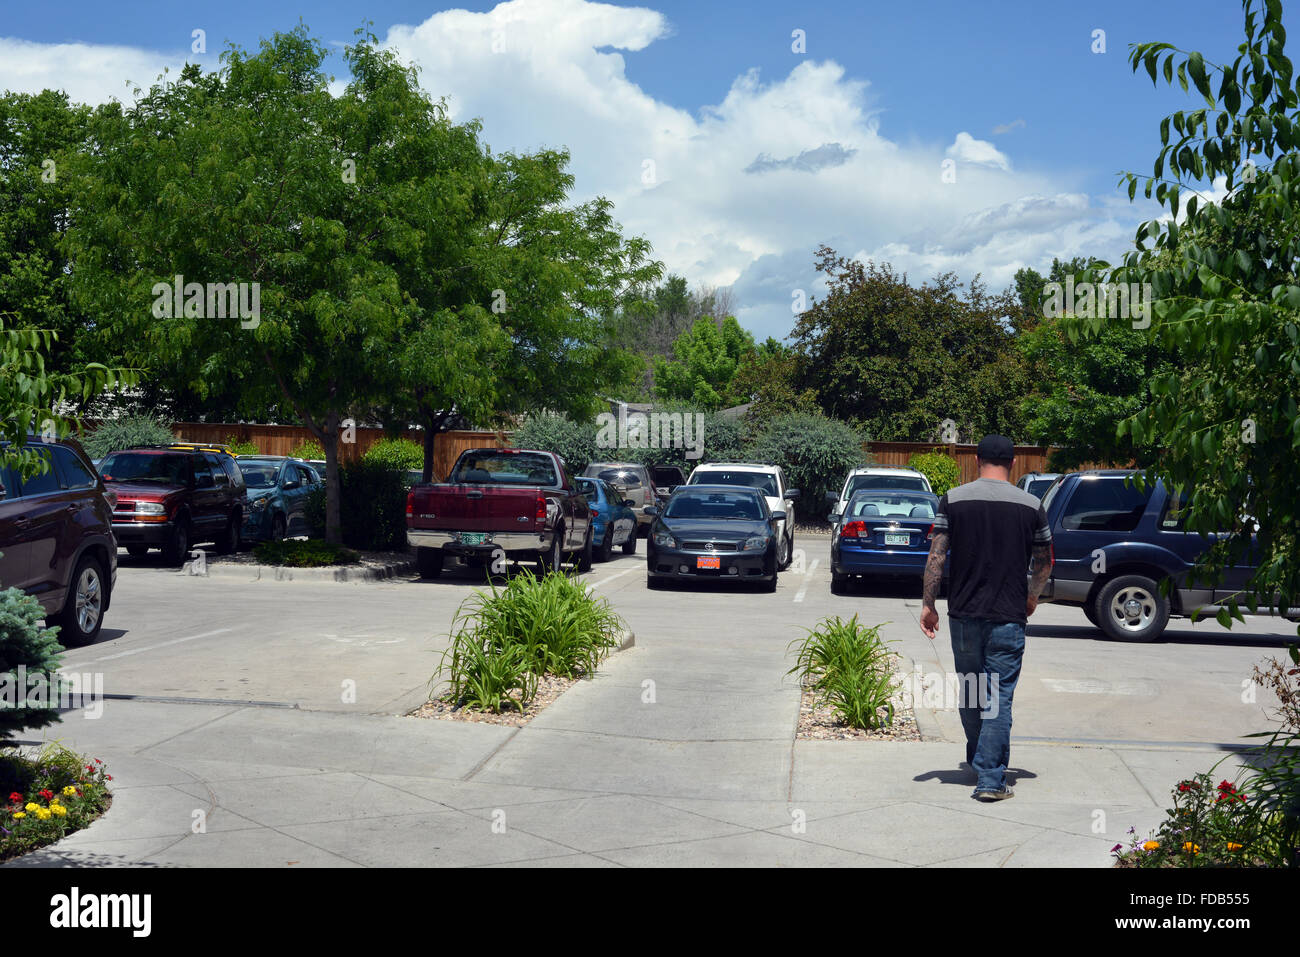 parking al lado de un strip mall cerca de fort collins colorado ee uu en verano fotografia de stock alamy alamy